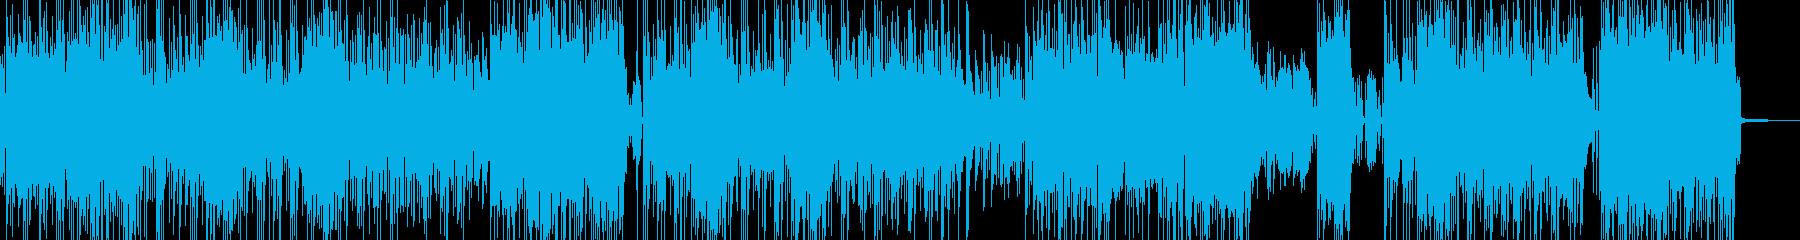 和楽器・おバカな雰囲気溢れるポップ Aの再生済みの波形